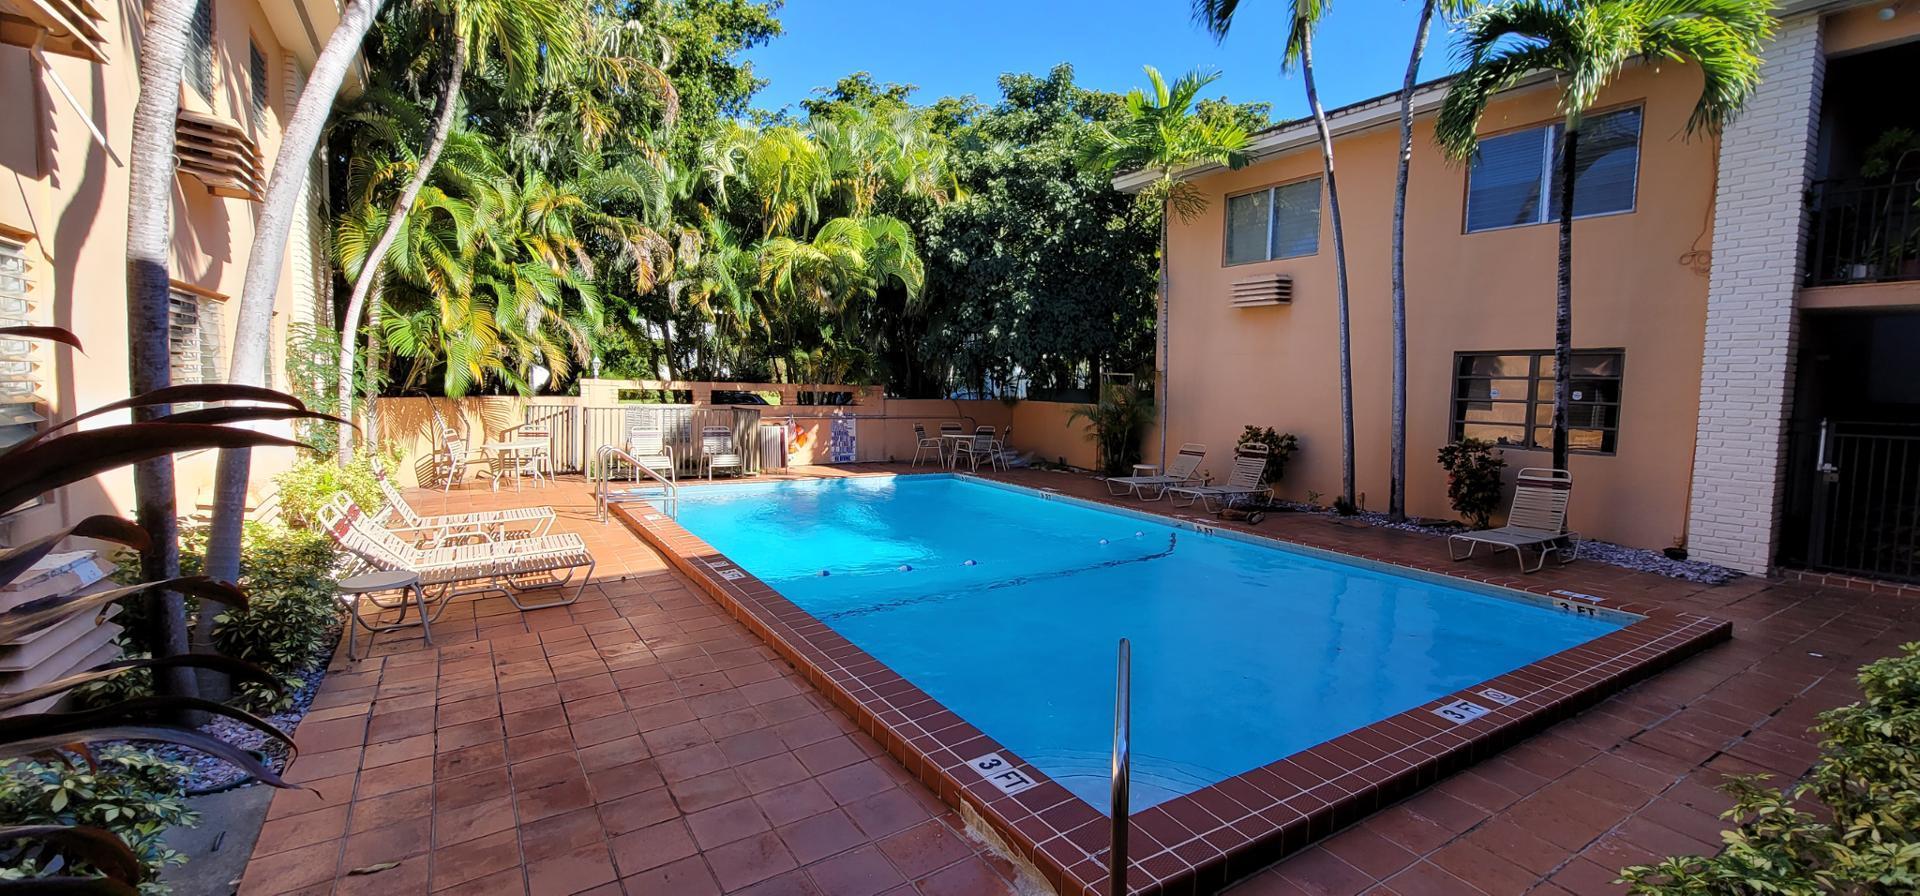 218 Santillane Ave #11, Coral Gables, FL - $1,450 USD/ month